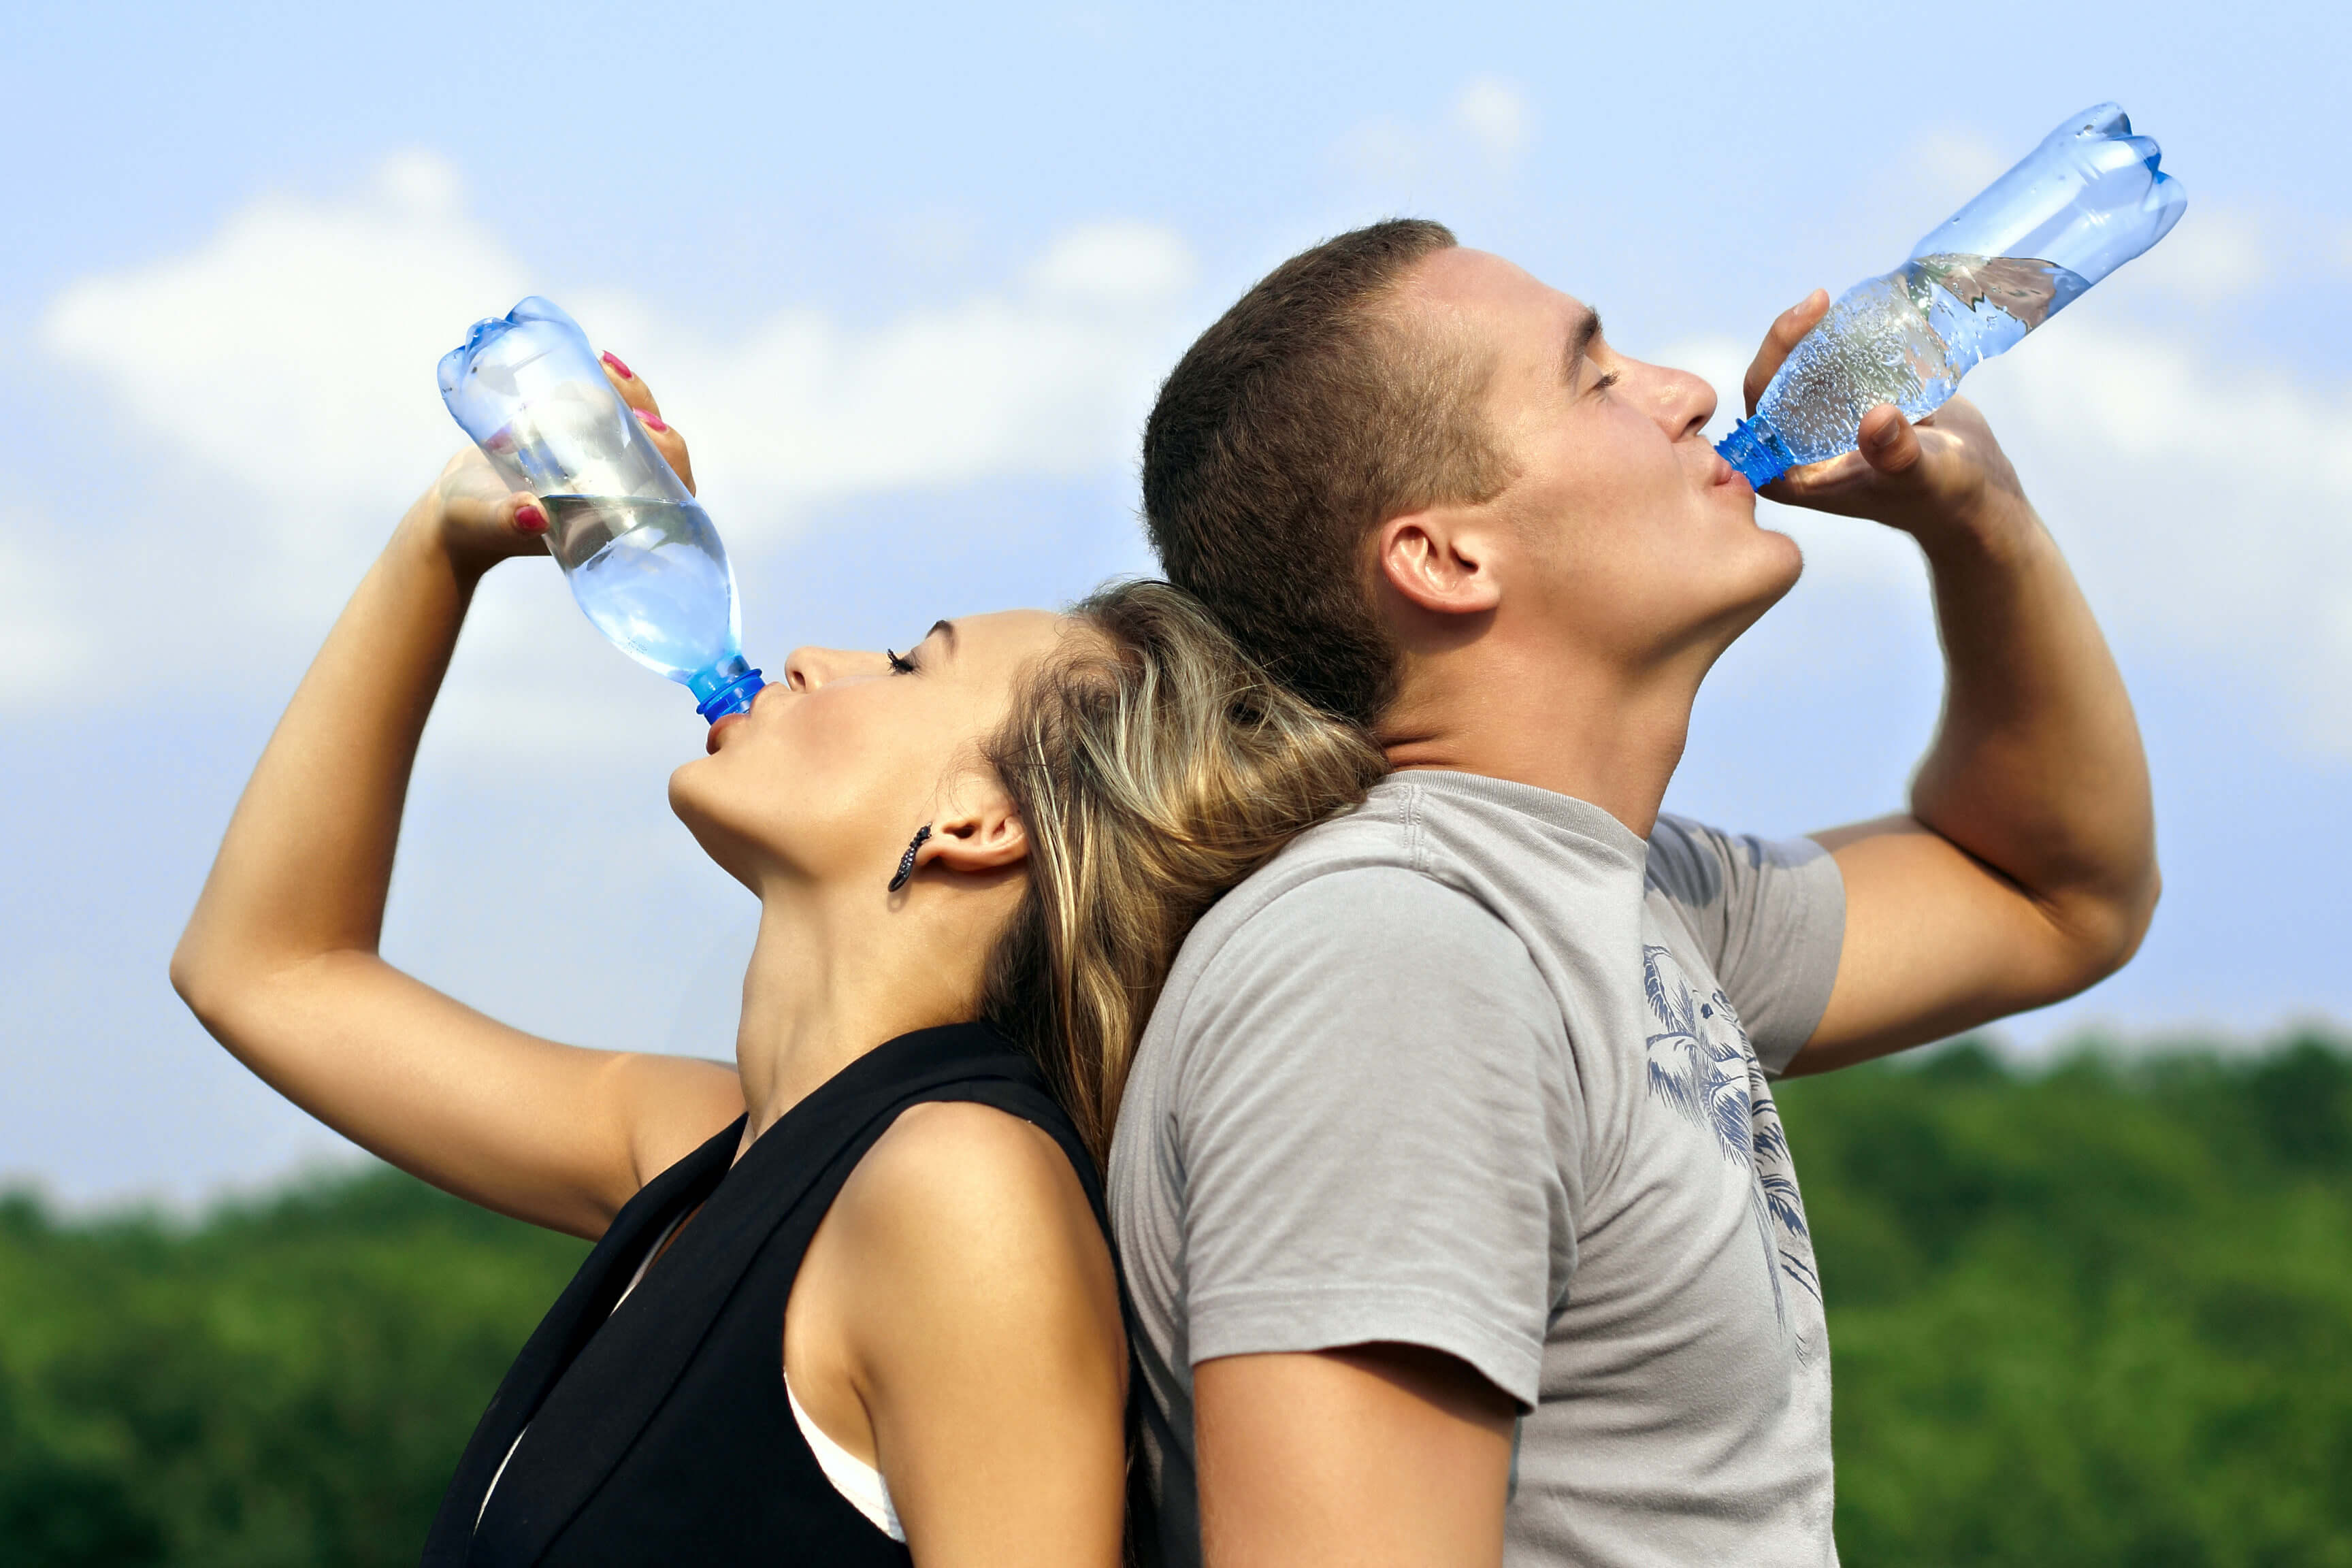 É verdade que beber muita água pode até matar? Confira! - Imagem 2